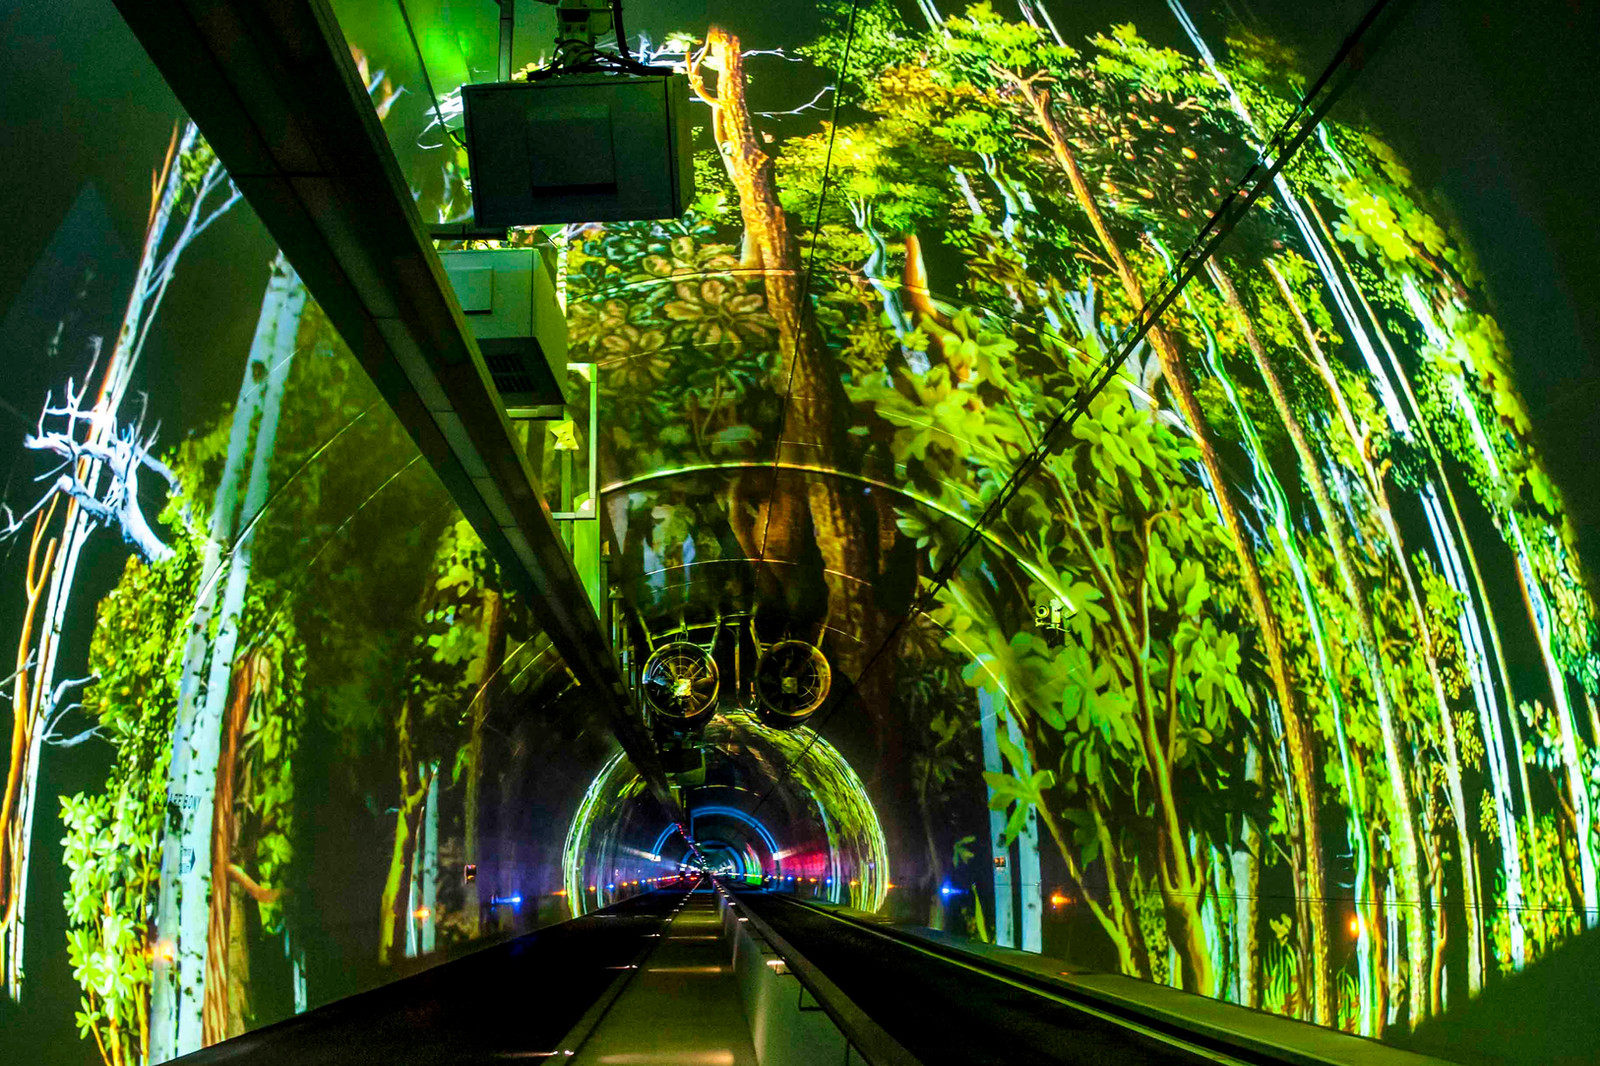 44 • Tunnel modes doux - Lyon